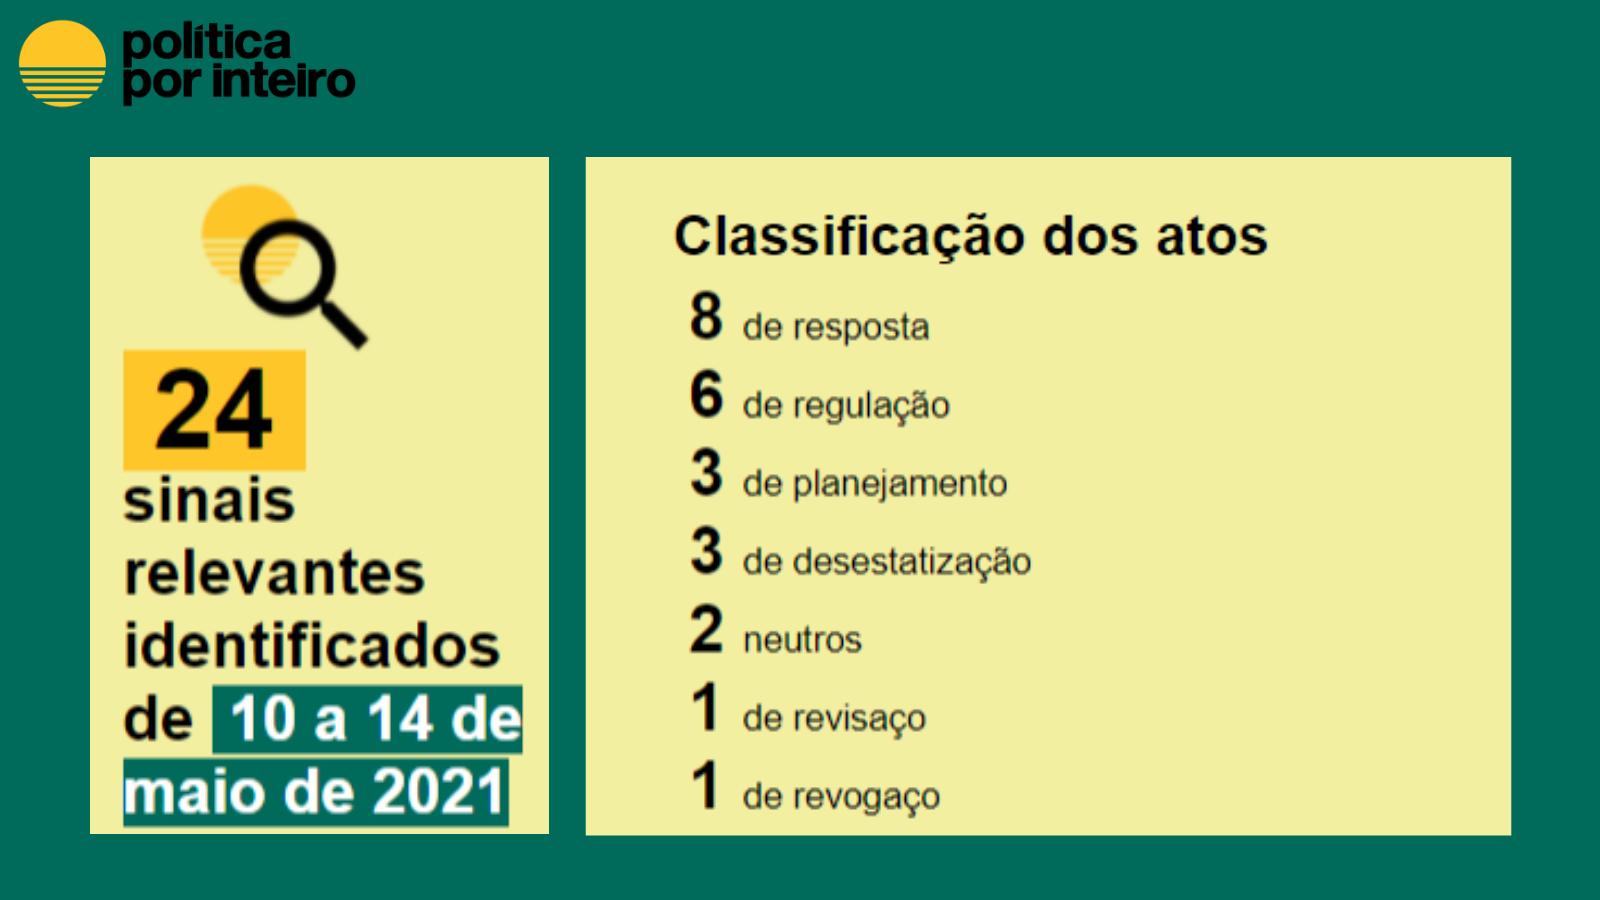 Balanço semanal em números, de 10 a 14 de maio: Resposta: 8 Regulação: 6 Planejamento:3 Desestatização:3 Neutro: 2 Revisaço:1 Revogaço:1